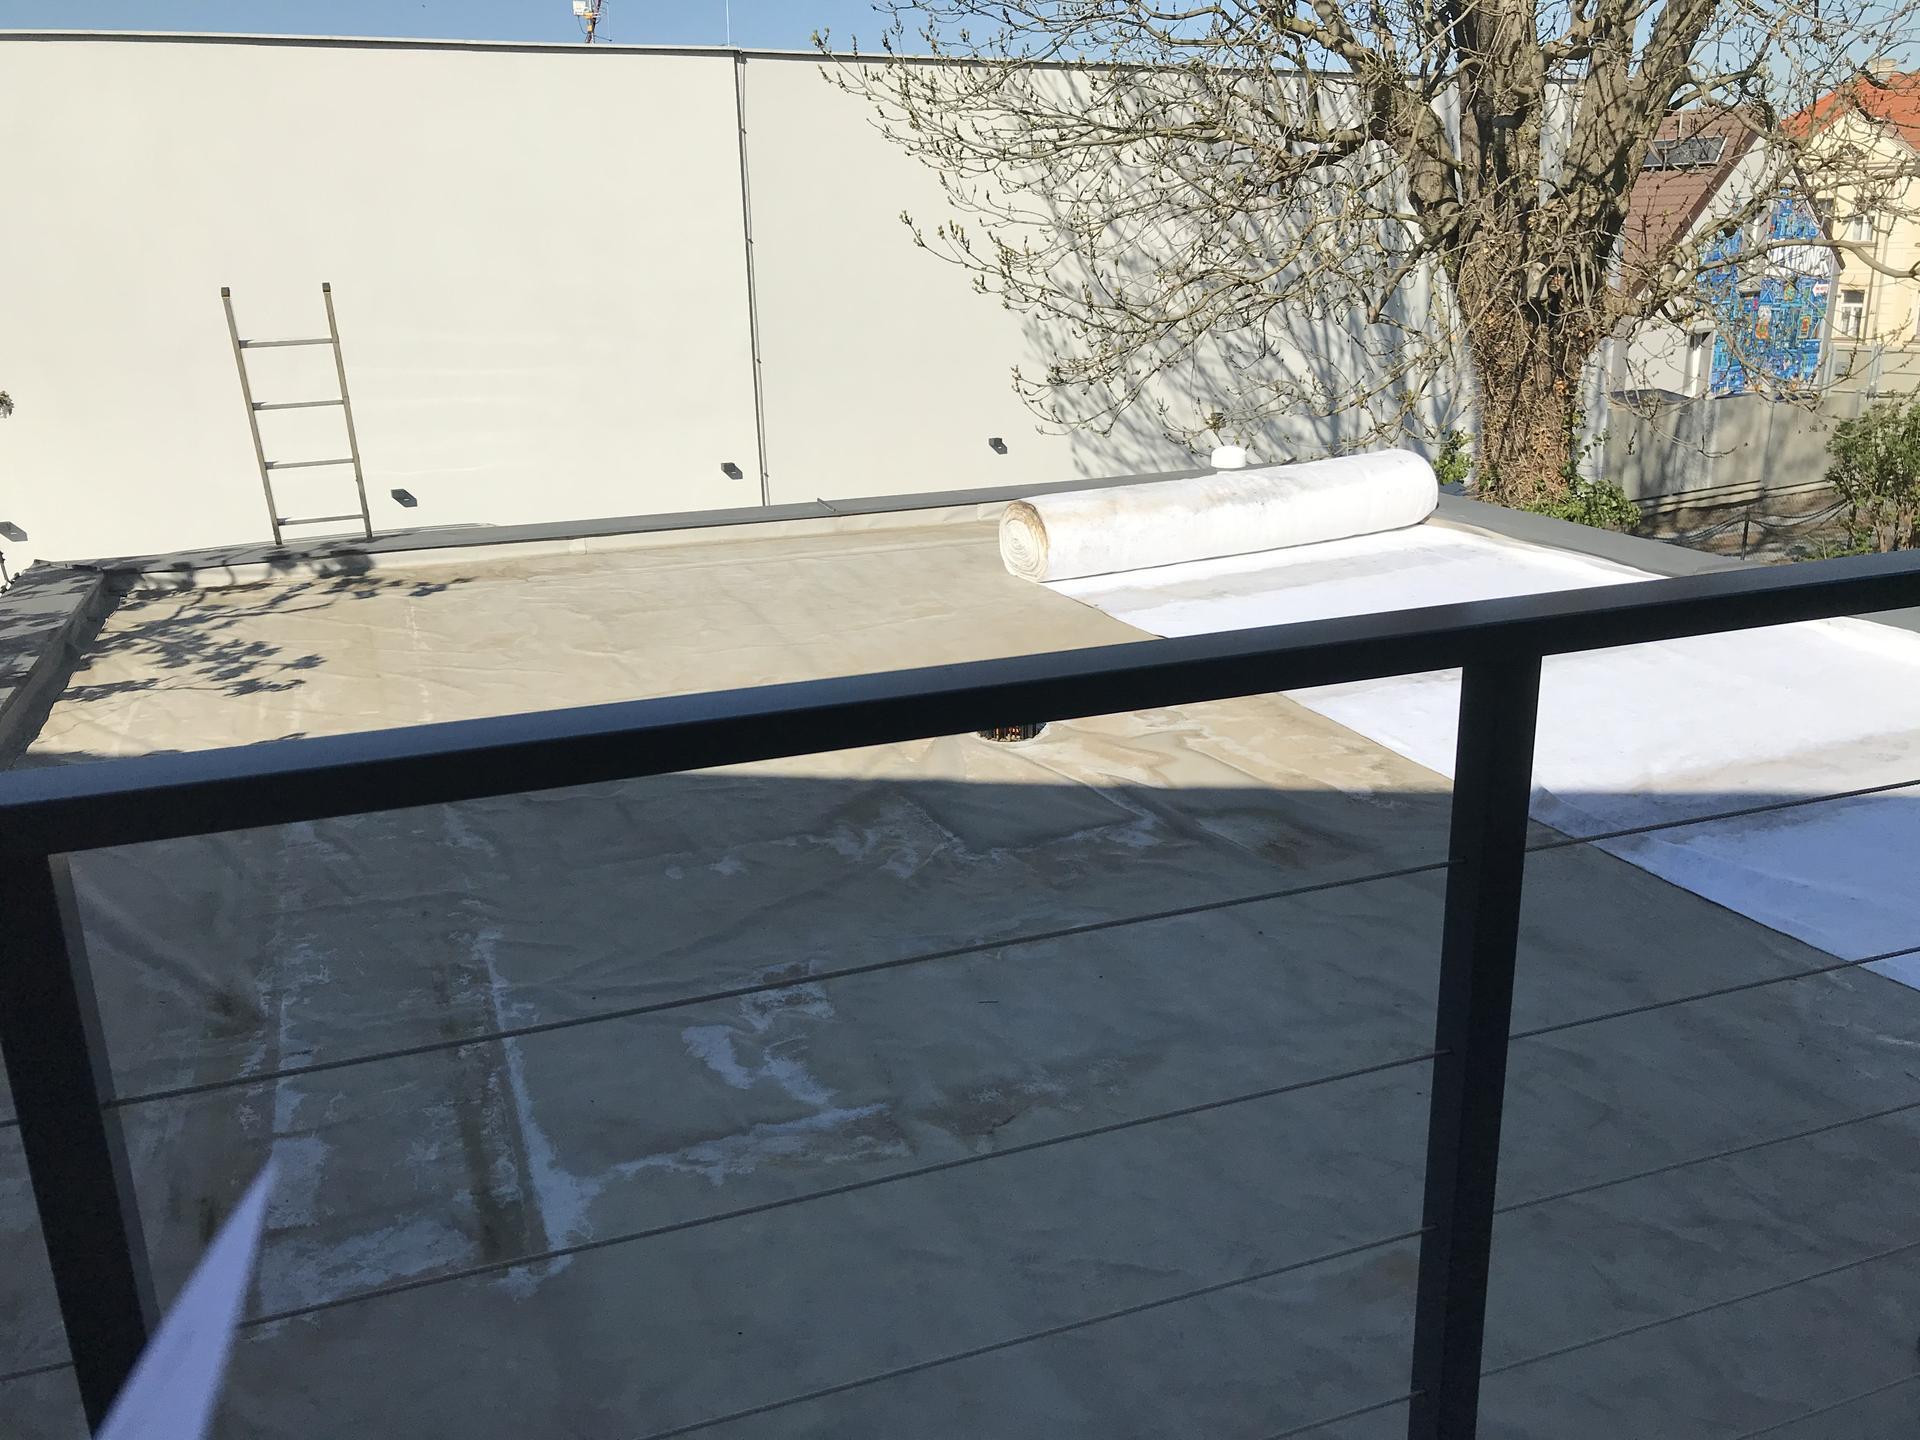 Konečně u nás po letech přichází na řadu zelená střecha nad garáží. - Obrázek č. 1